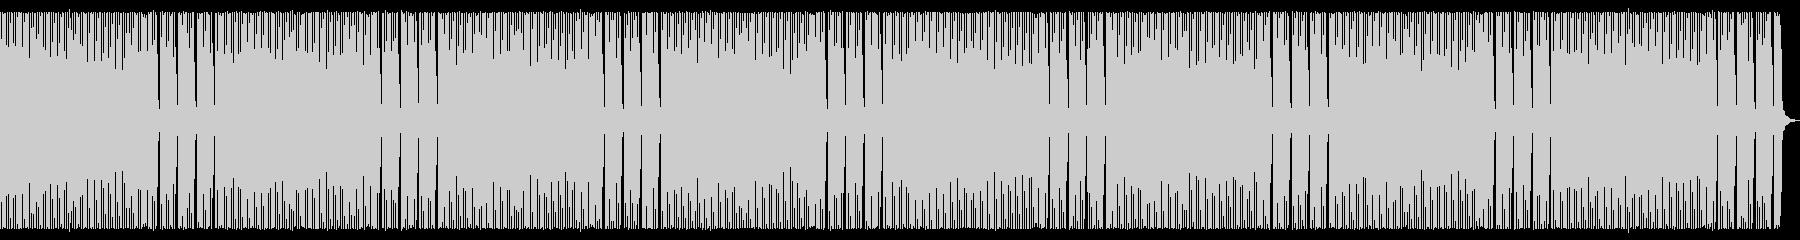 8bit レトロなほのぼのBGMの未再生の波形